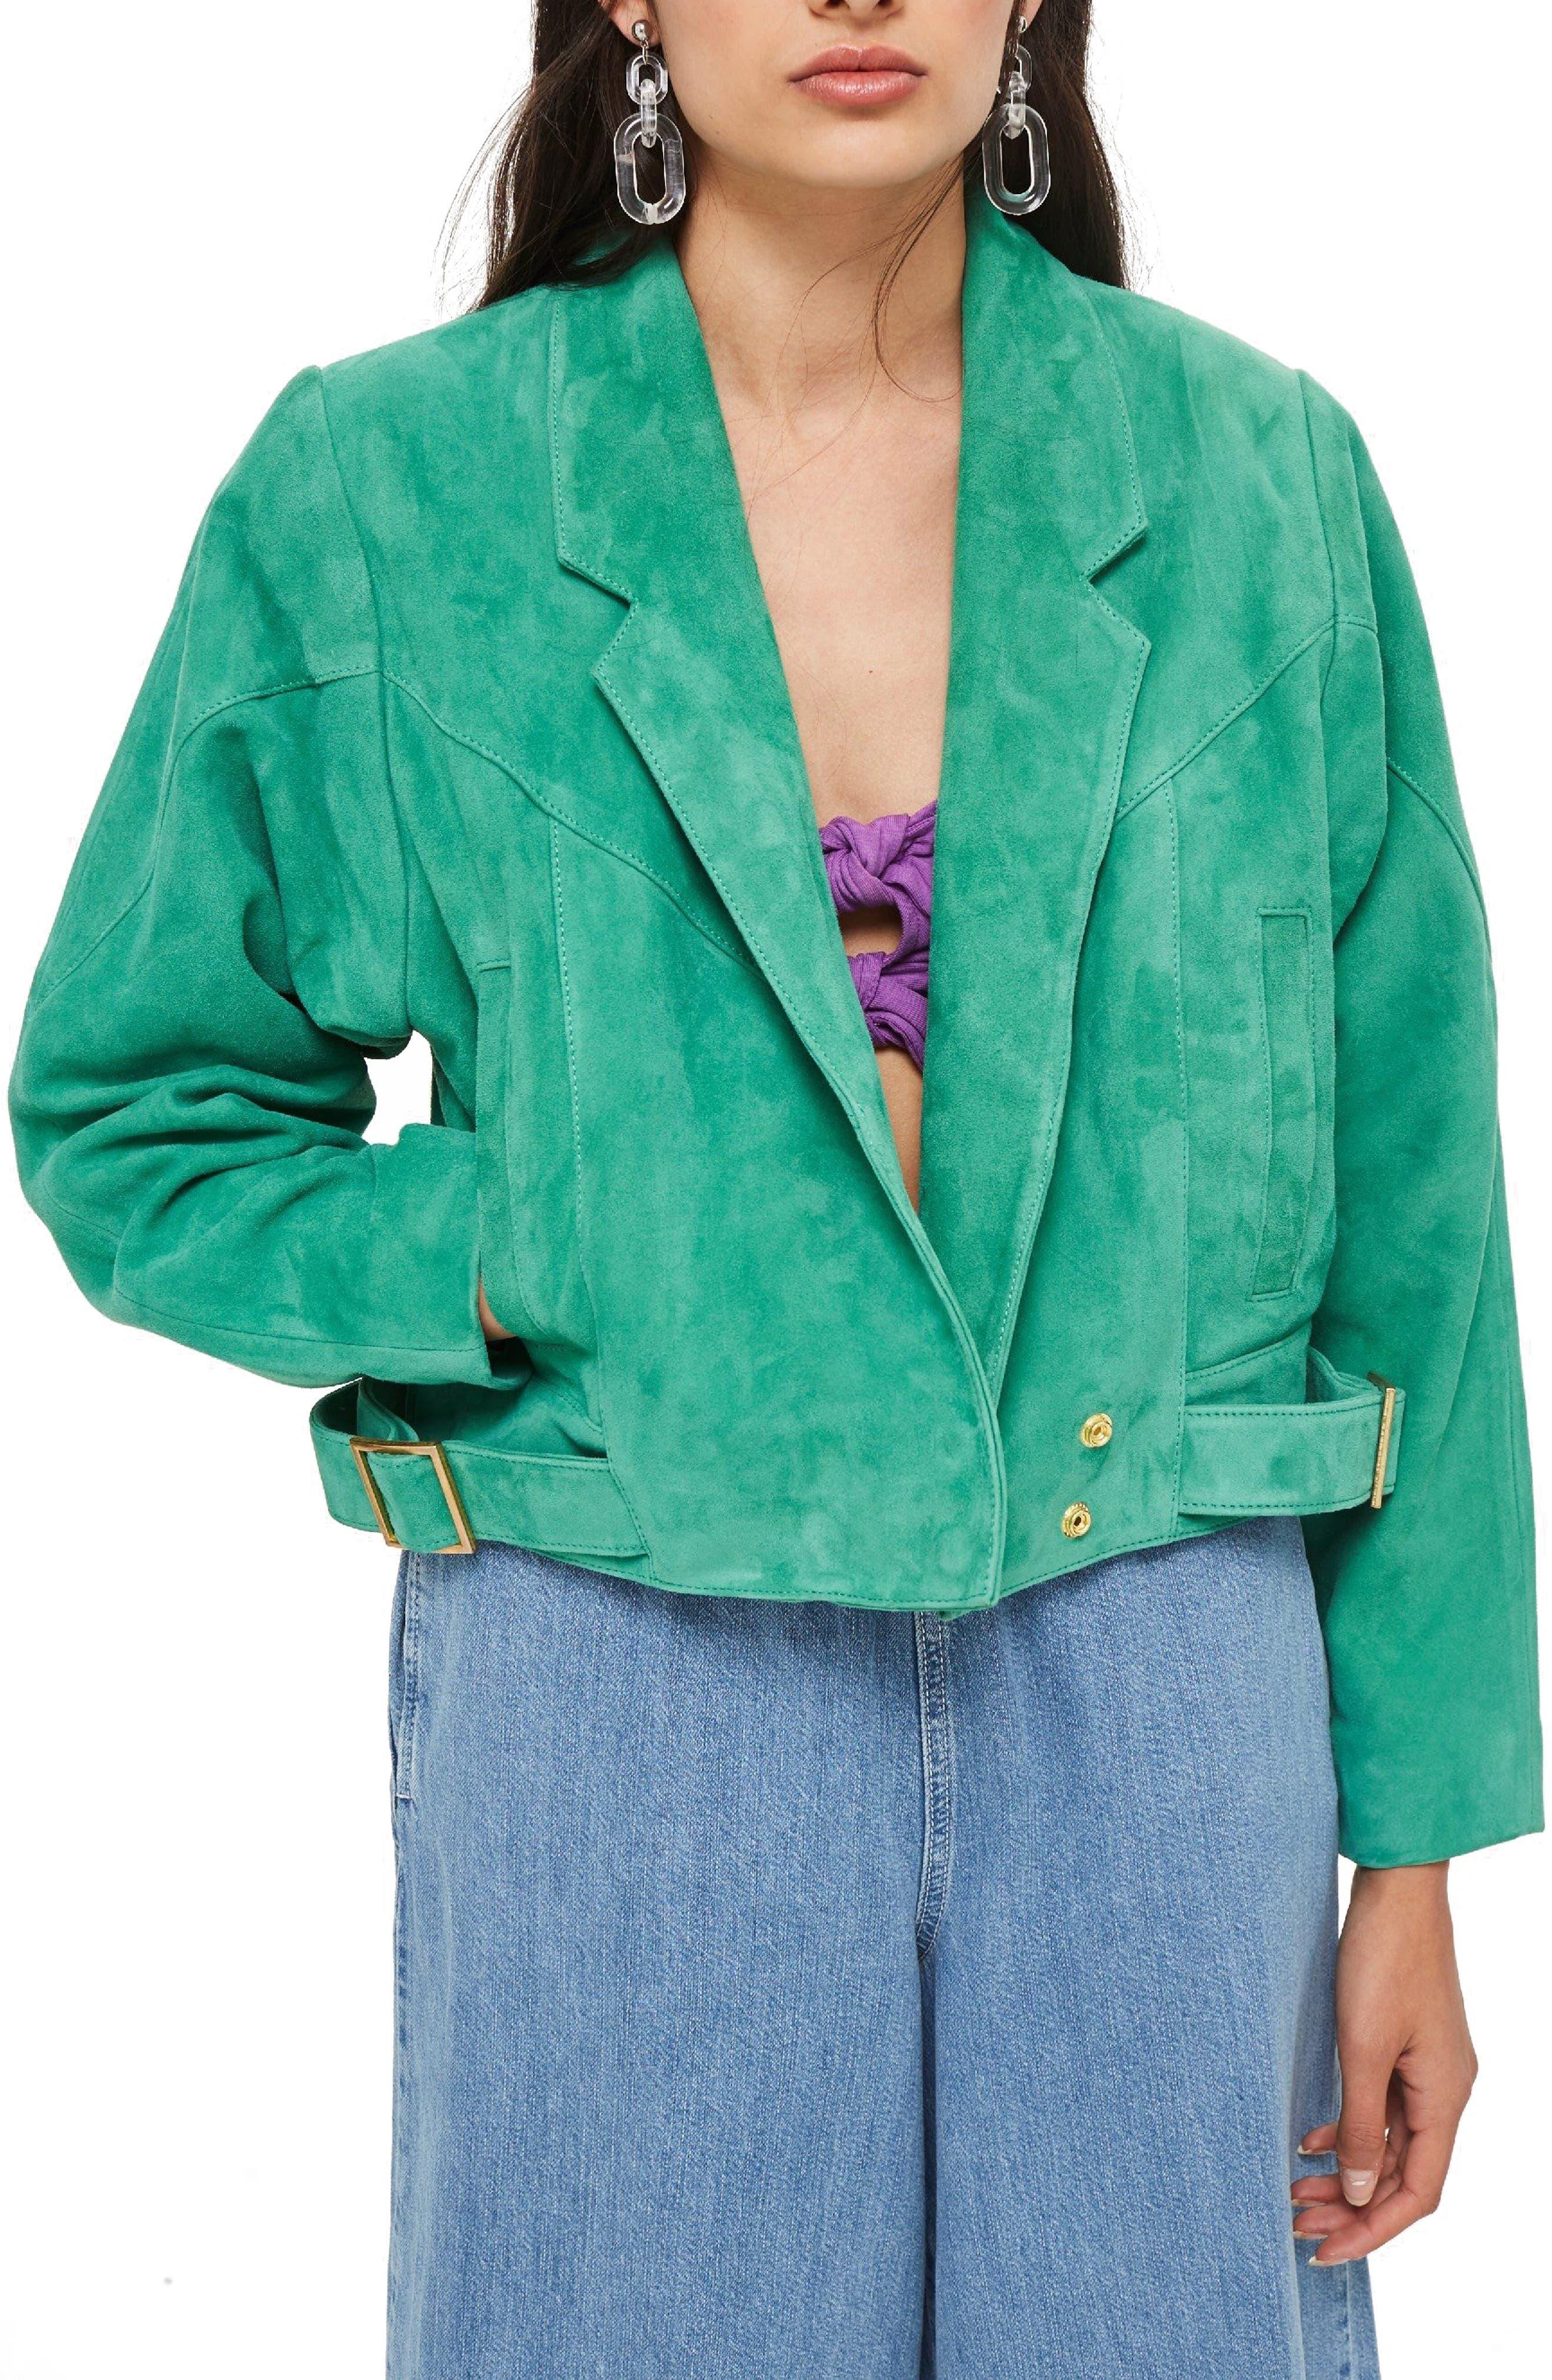 Hawkes Suede Jacket,                         Main,                         color, 300